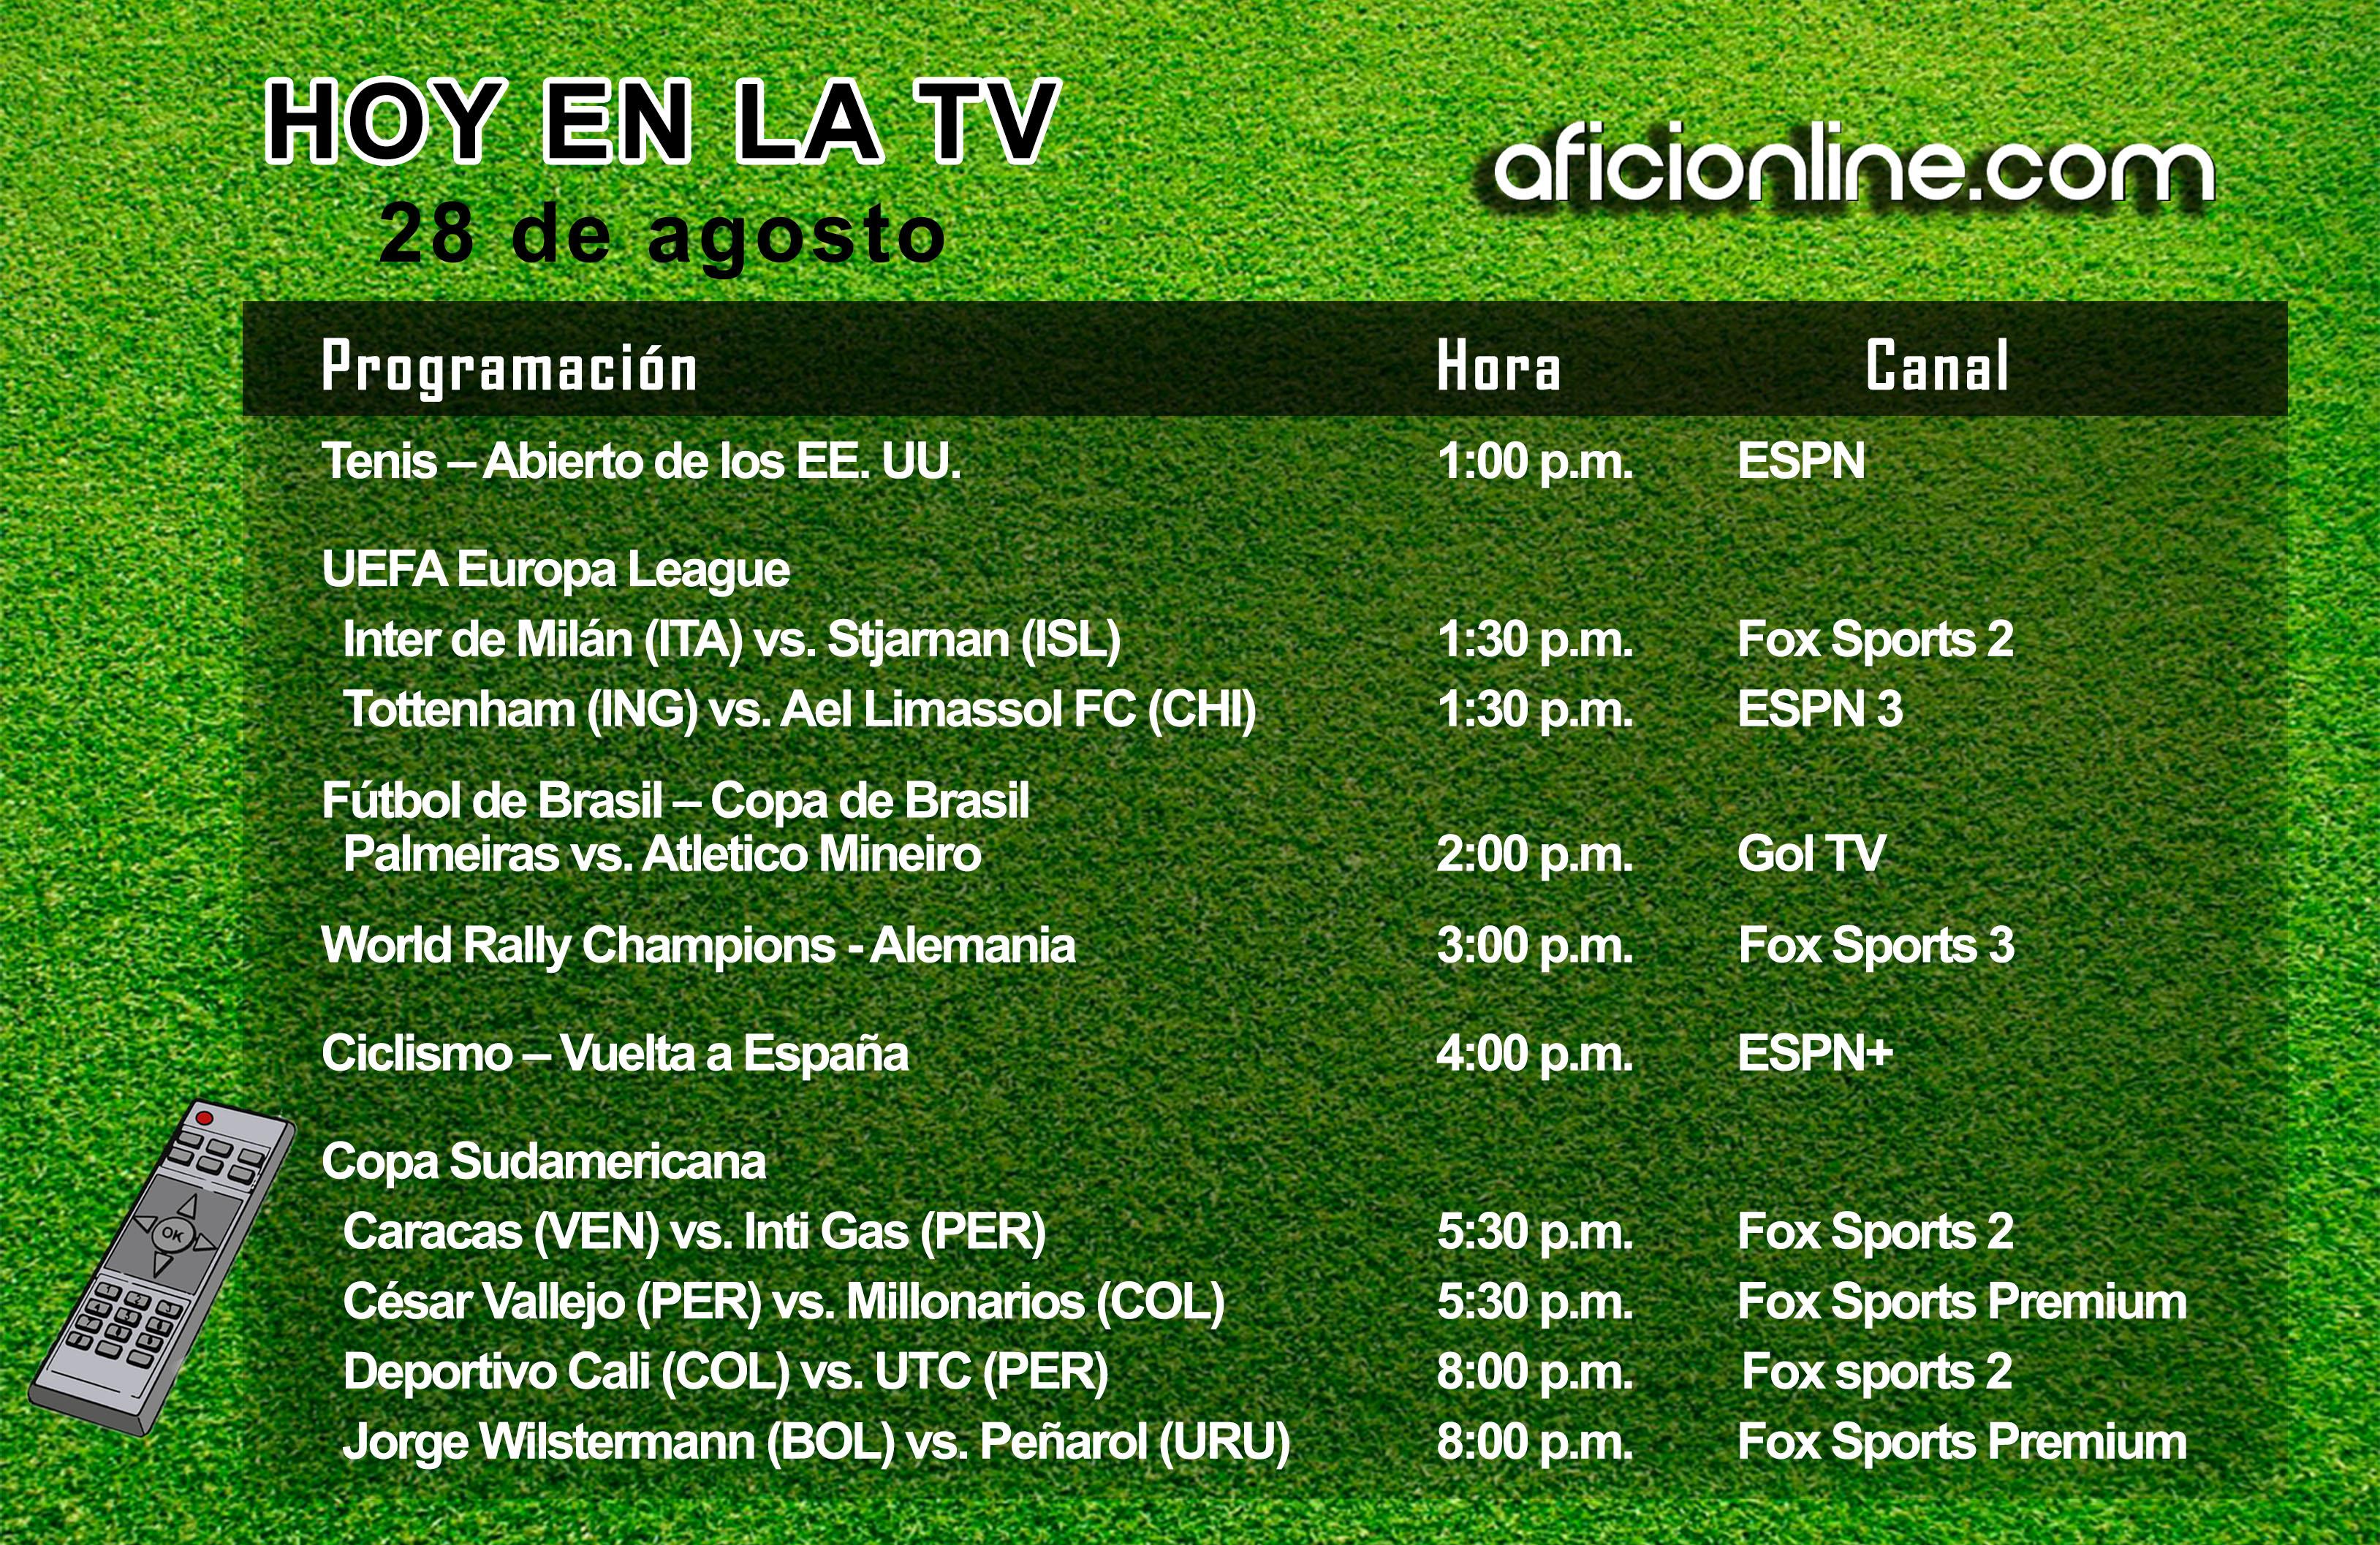 Programación televisiva del jueves 28 de agosto (Gráfica: Johnny López / Aficionline.com).